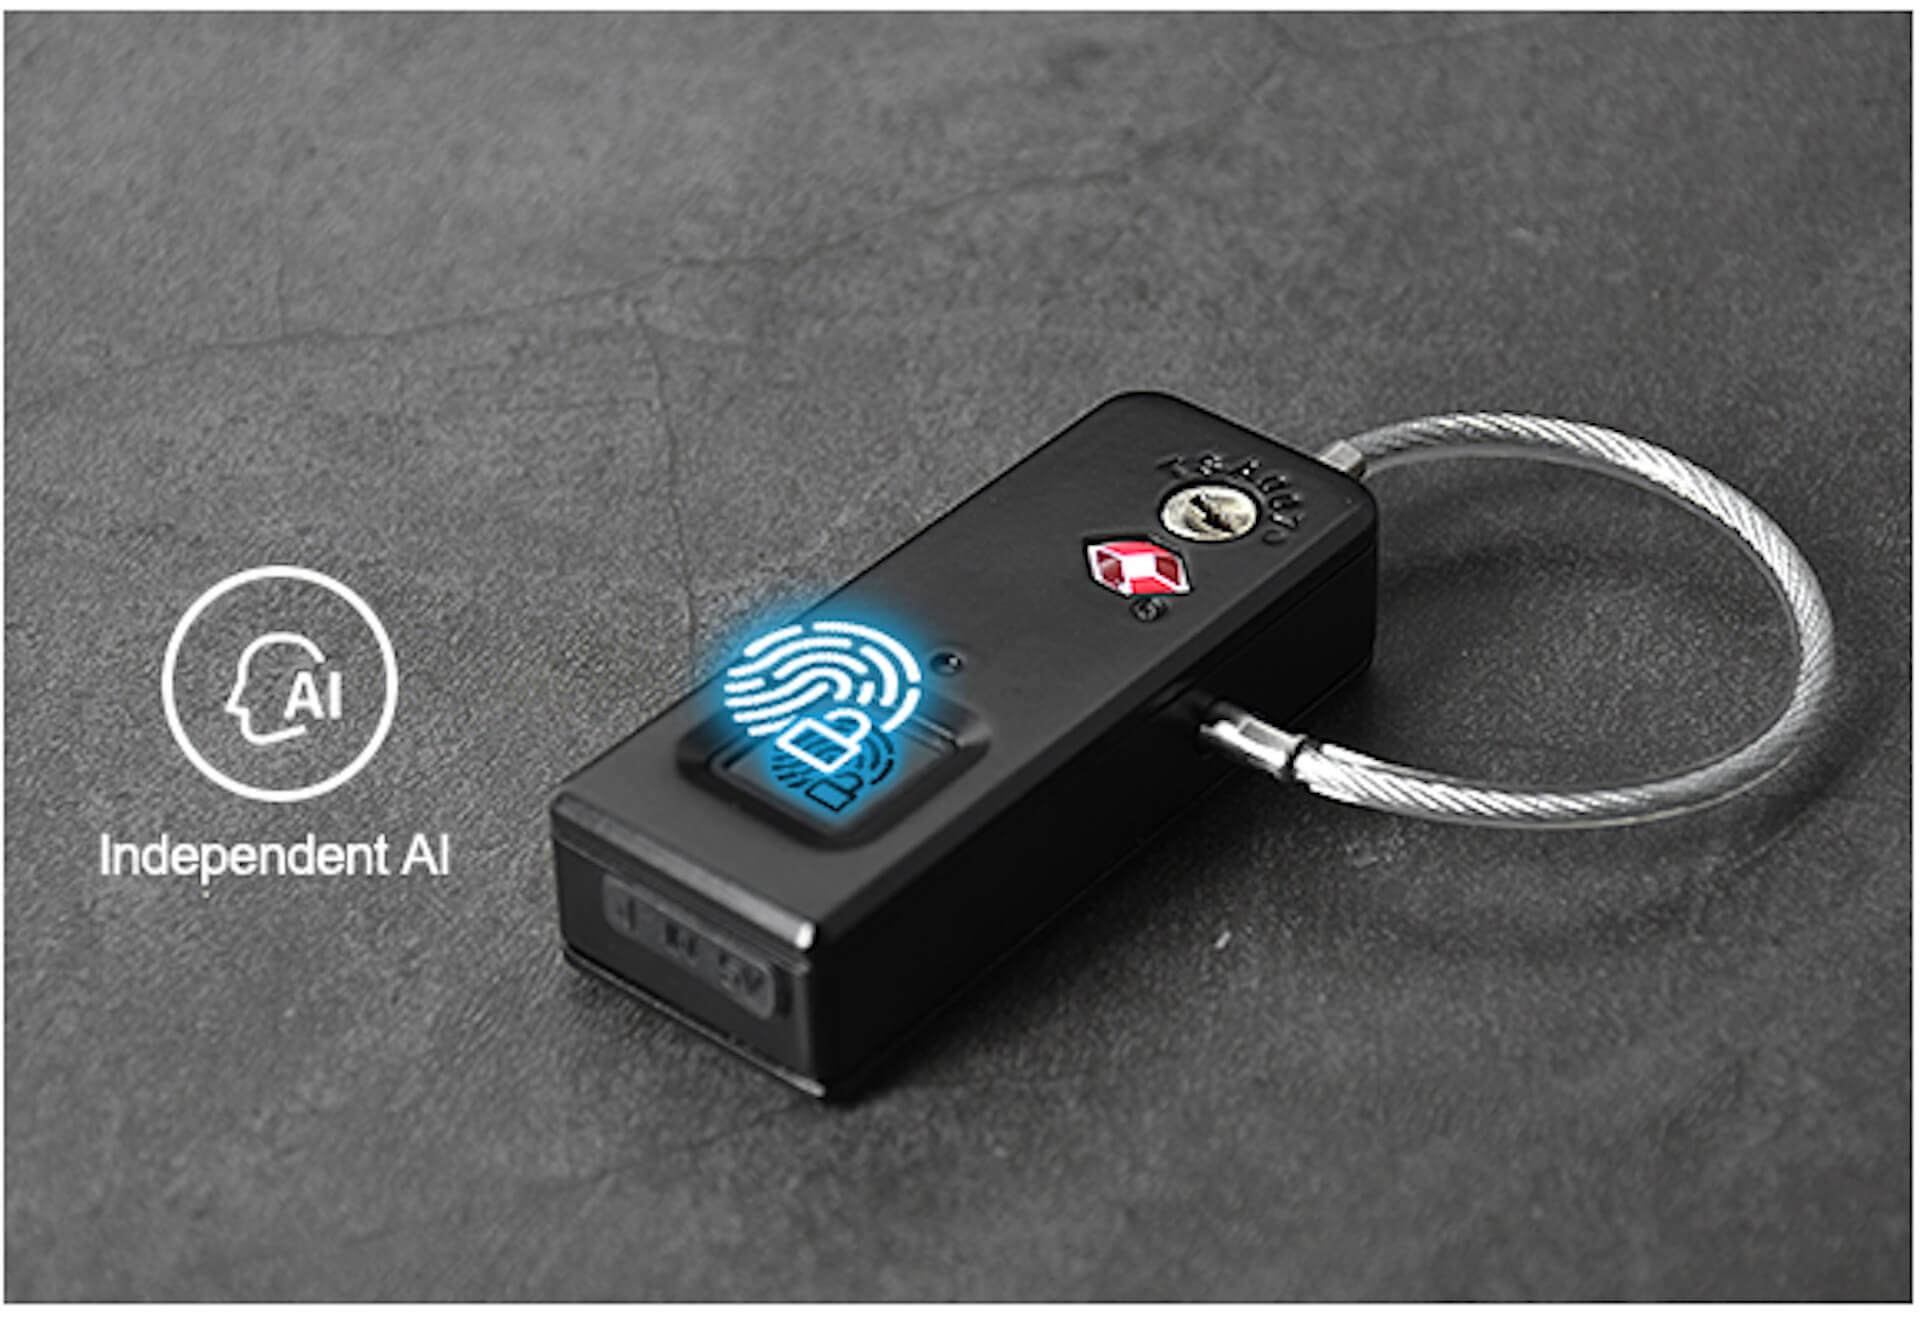 世界中で大反響の指紋で開けられるスマートロック「TRAVELOCK 2」がクラウドファンディングサイトに登場! tech190920_travellock2_main